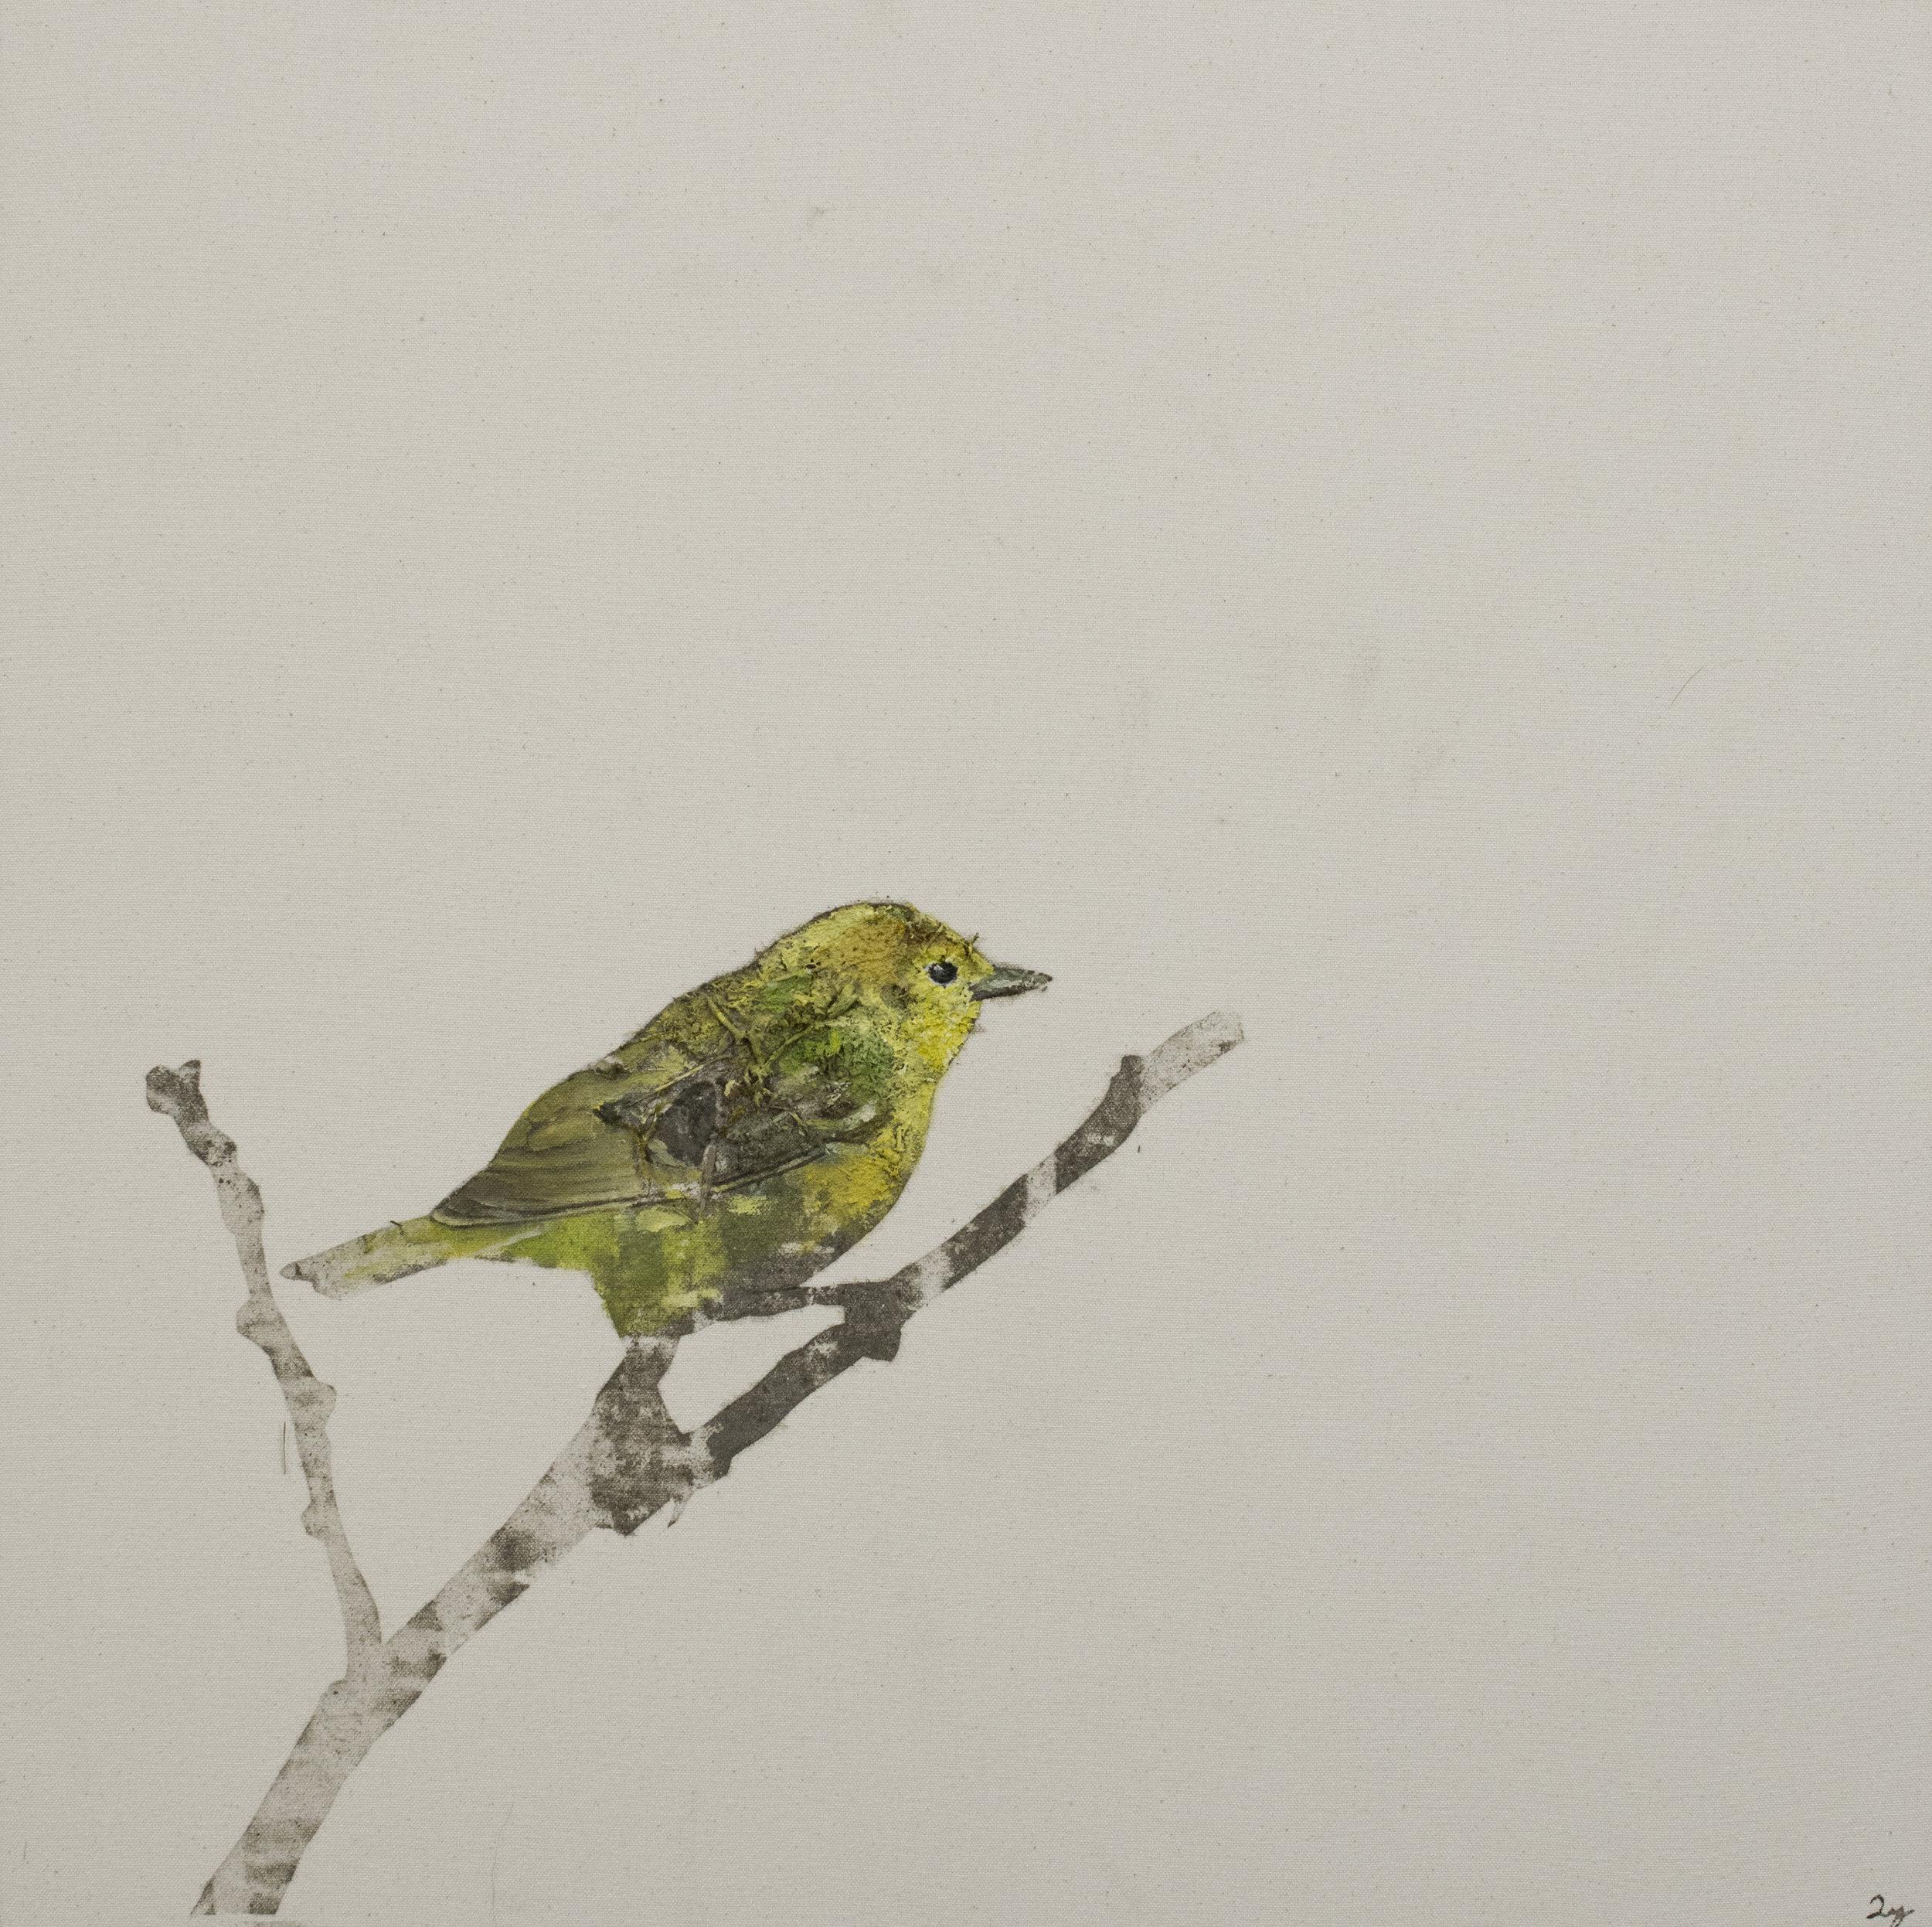 Earth Birds, Yellow Chickadee